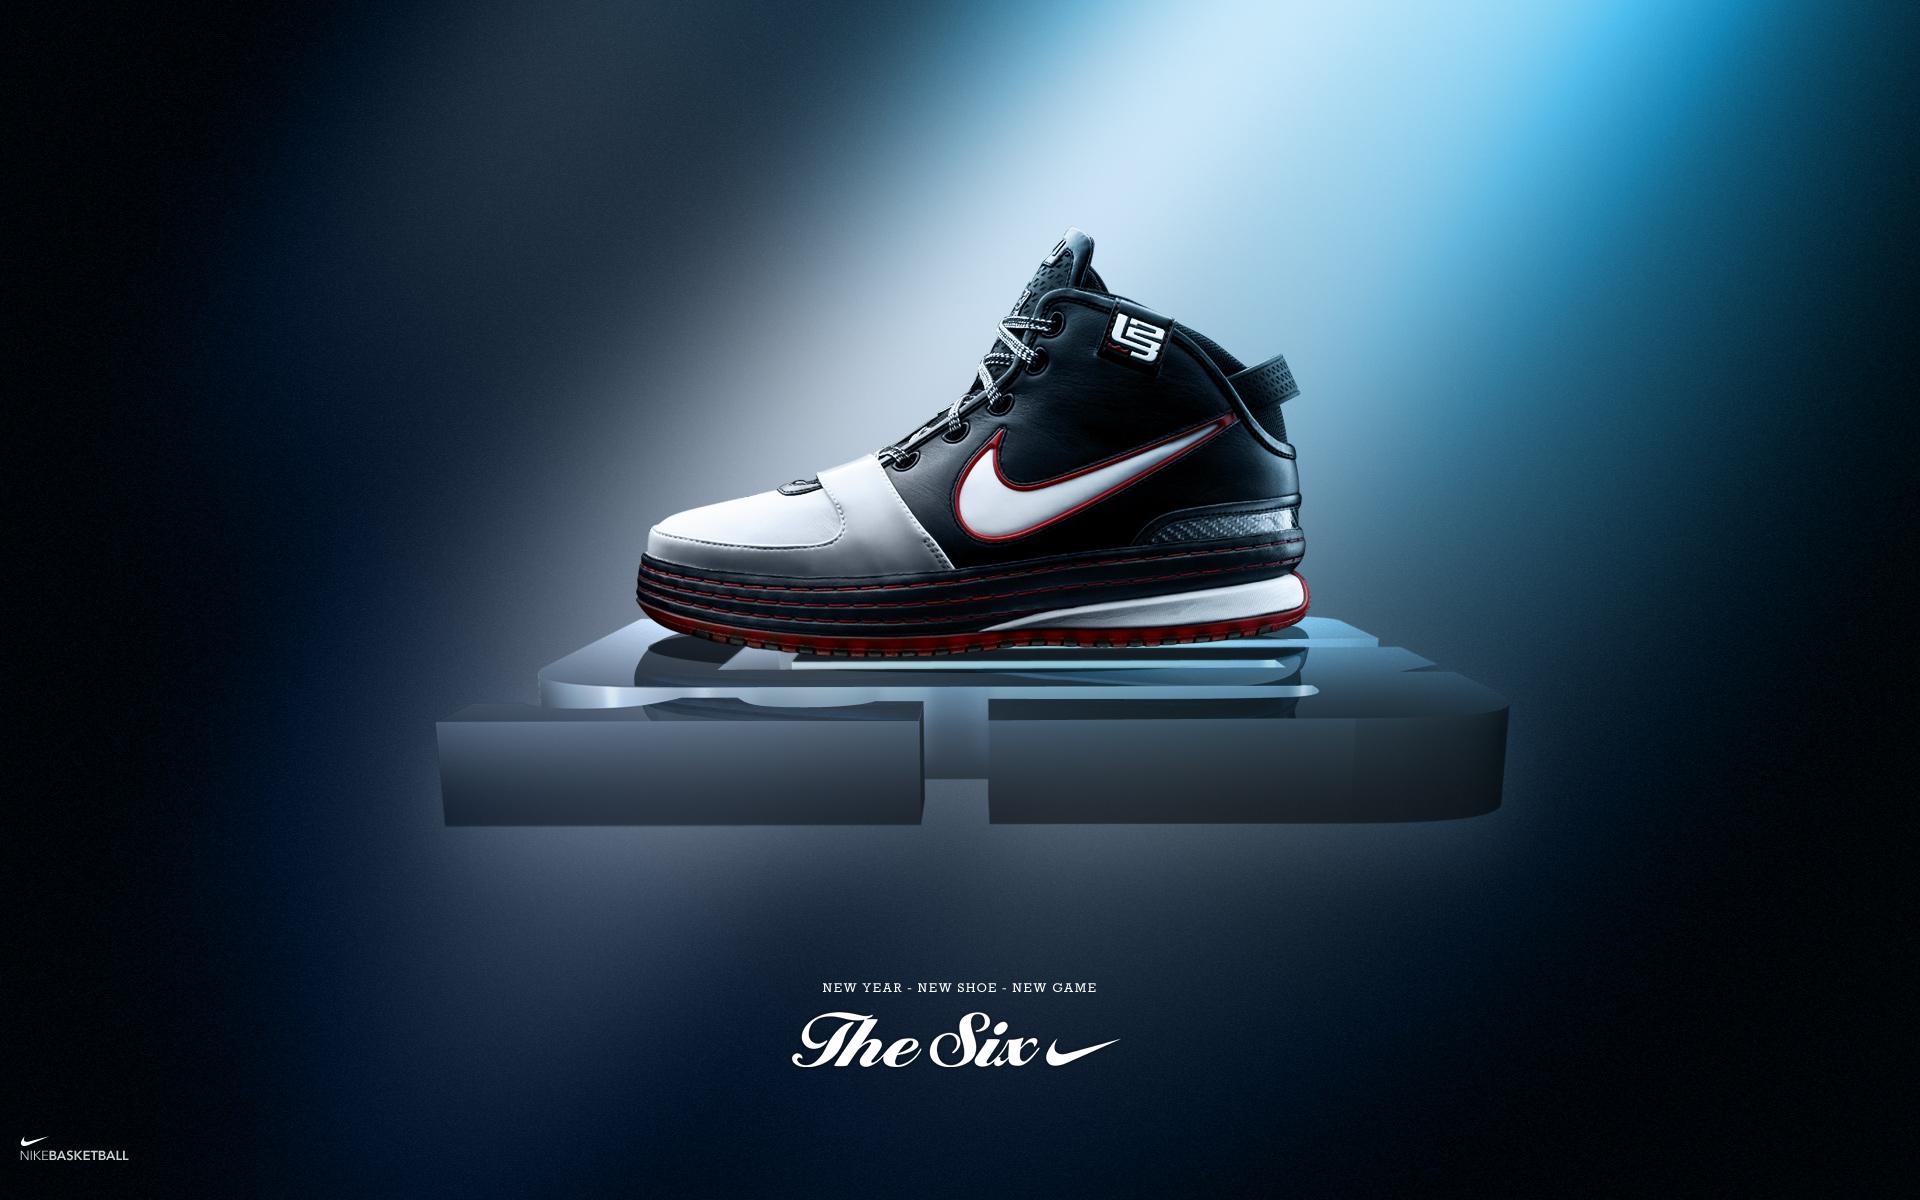 Lebron James Wallpaper Nike - WallpaperSafari